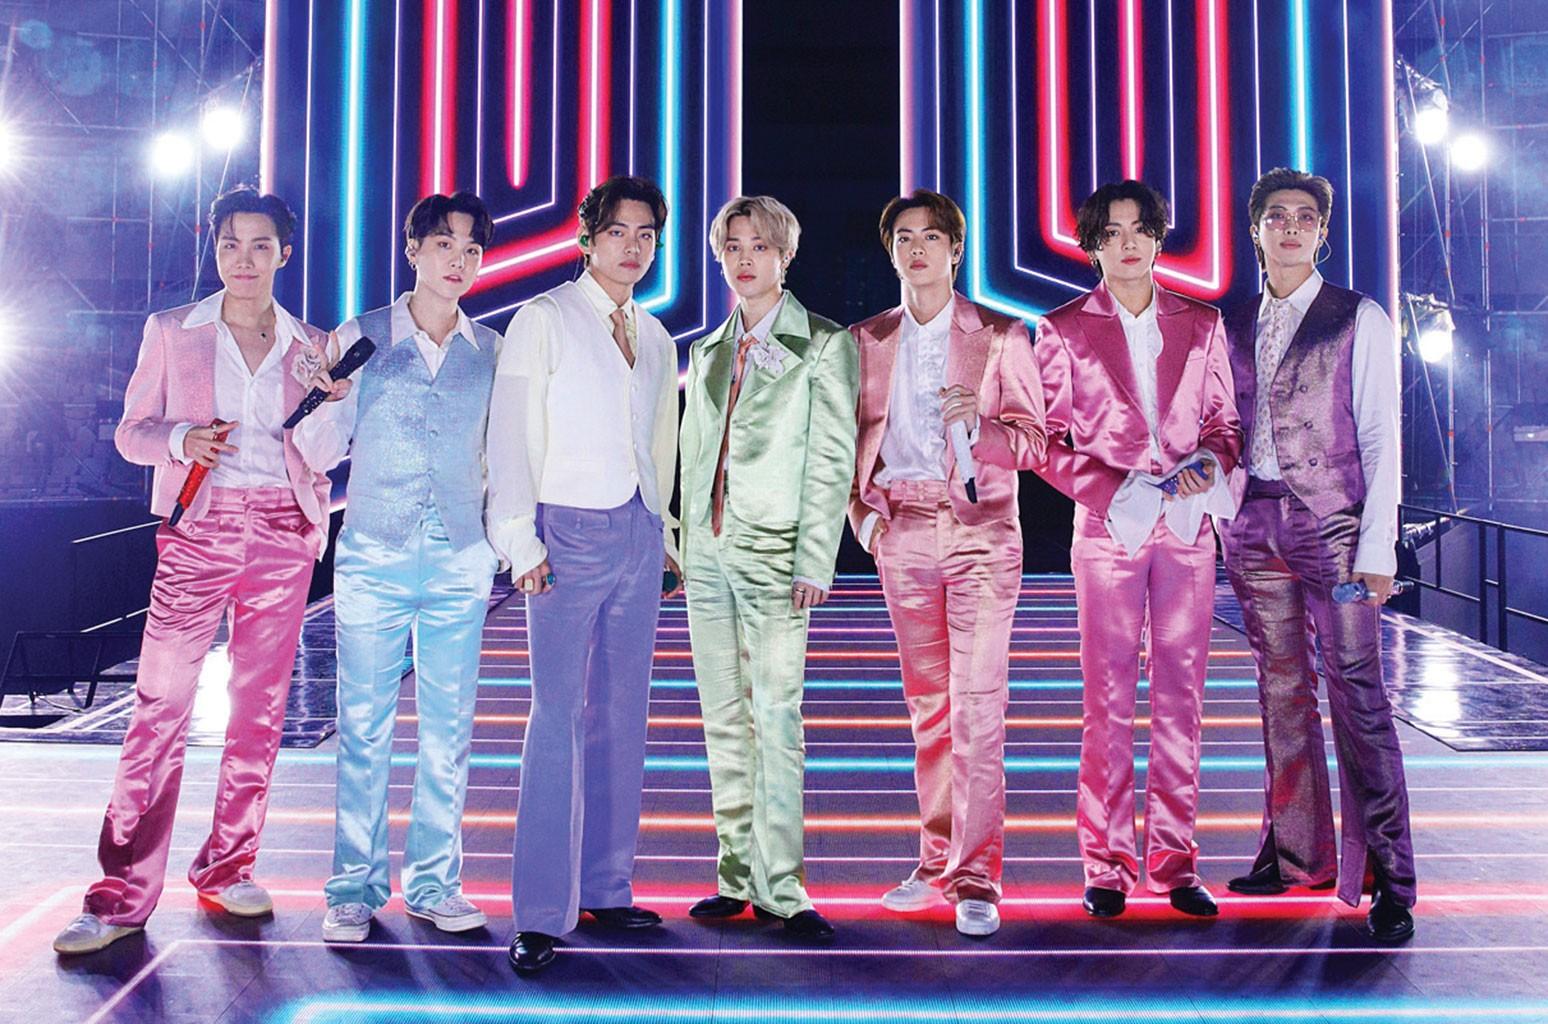 یک مجری رادیویی آلمانی بعد از توهین و انتقاد به اعضای گروه موسیقی کره ای BTS و تشبیه آن ها به کرونا به نژادپرستی متهم شده است.